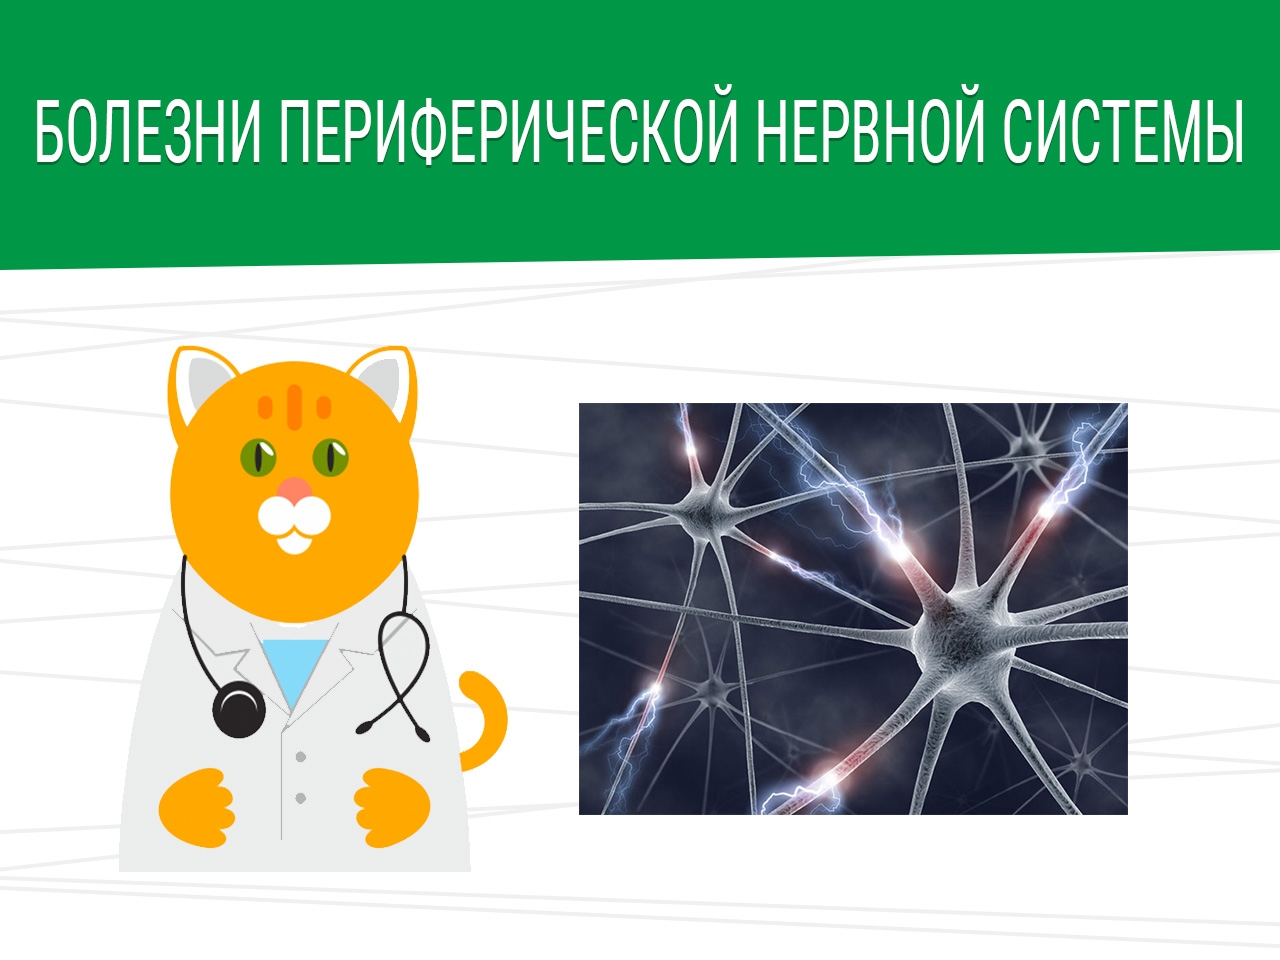 Болезни периферической нервной системы и отсрочка